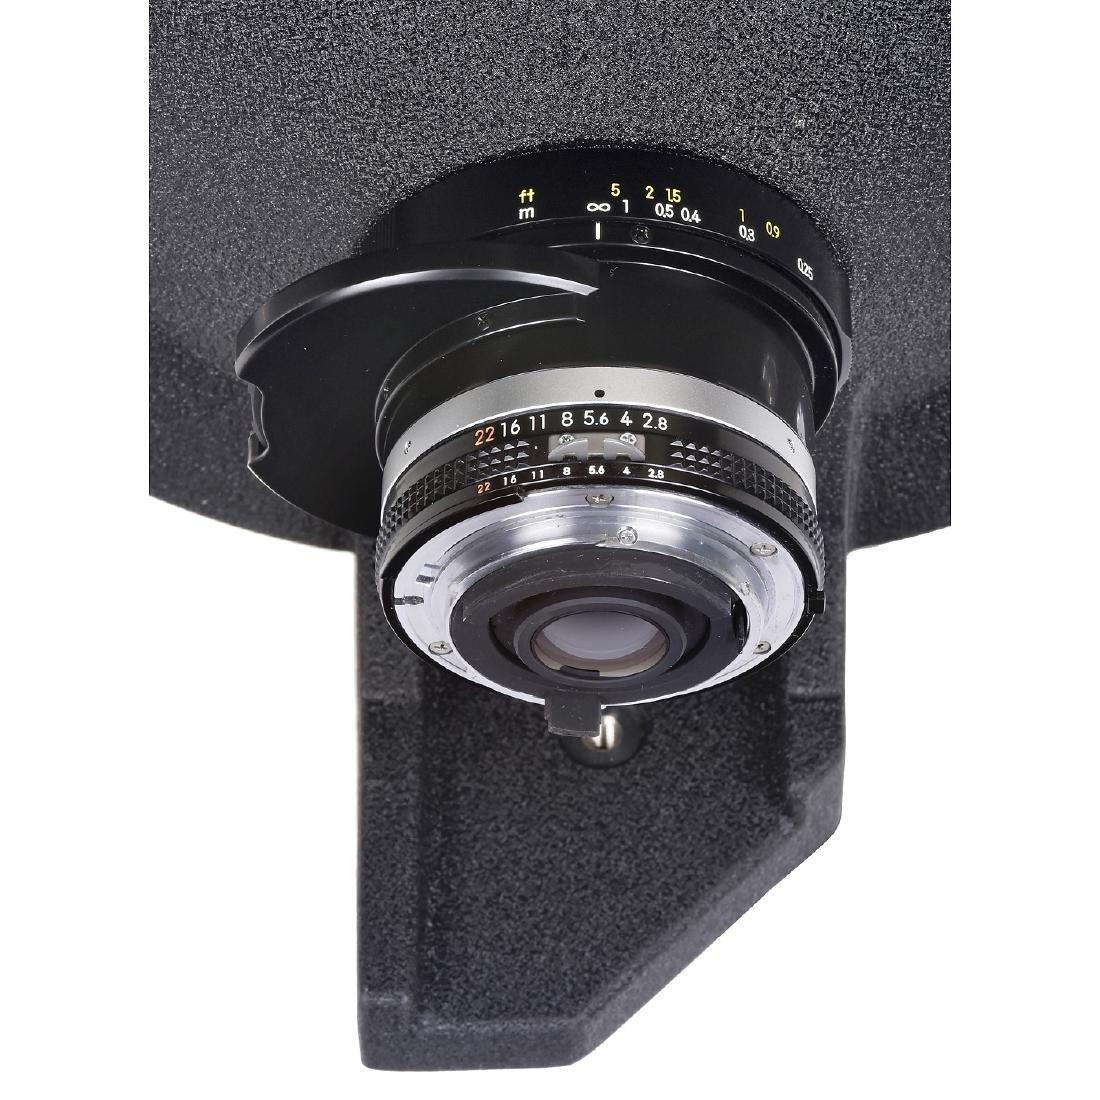 Nikon Fisheye-Nikkor 2,8/6 mm, AI-S, c. 1977 - 7